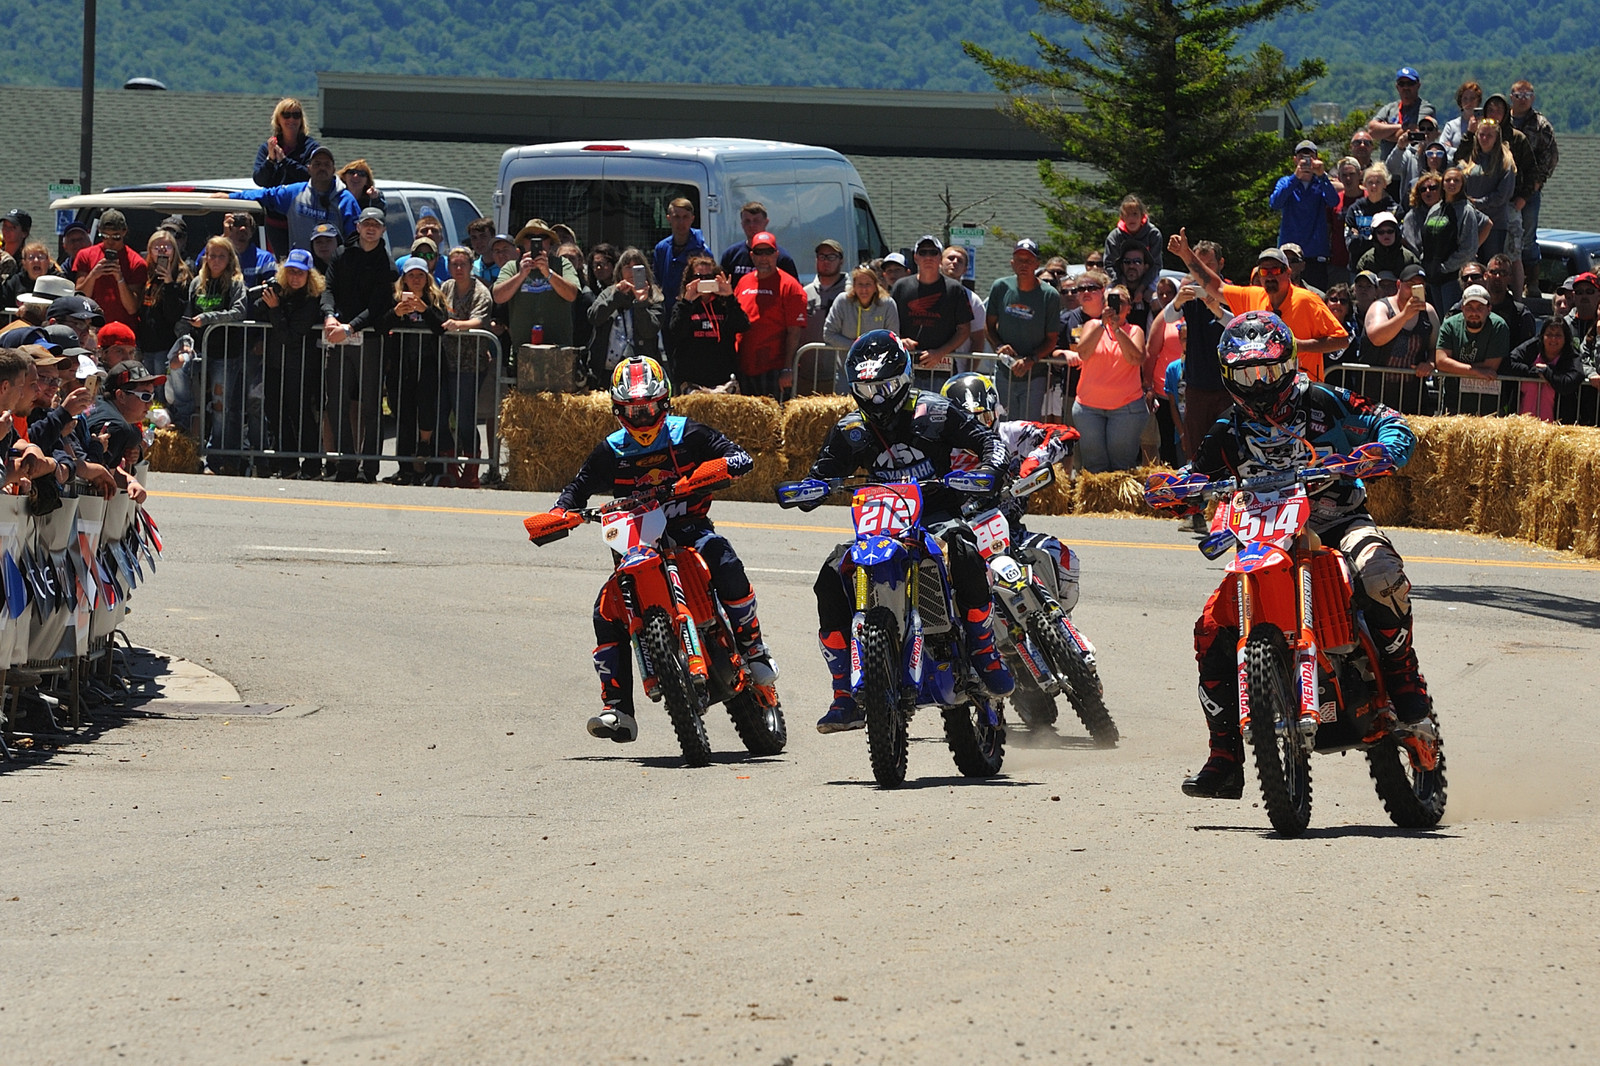 FON 7697 - Snowshoe GNCC - Motocross Pictures - Vital MX